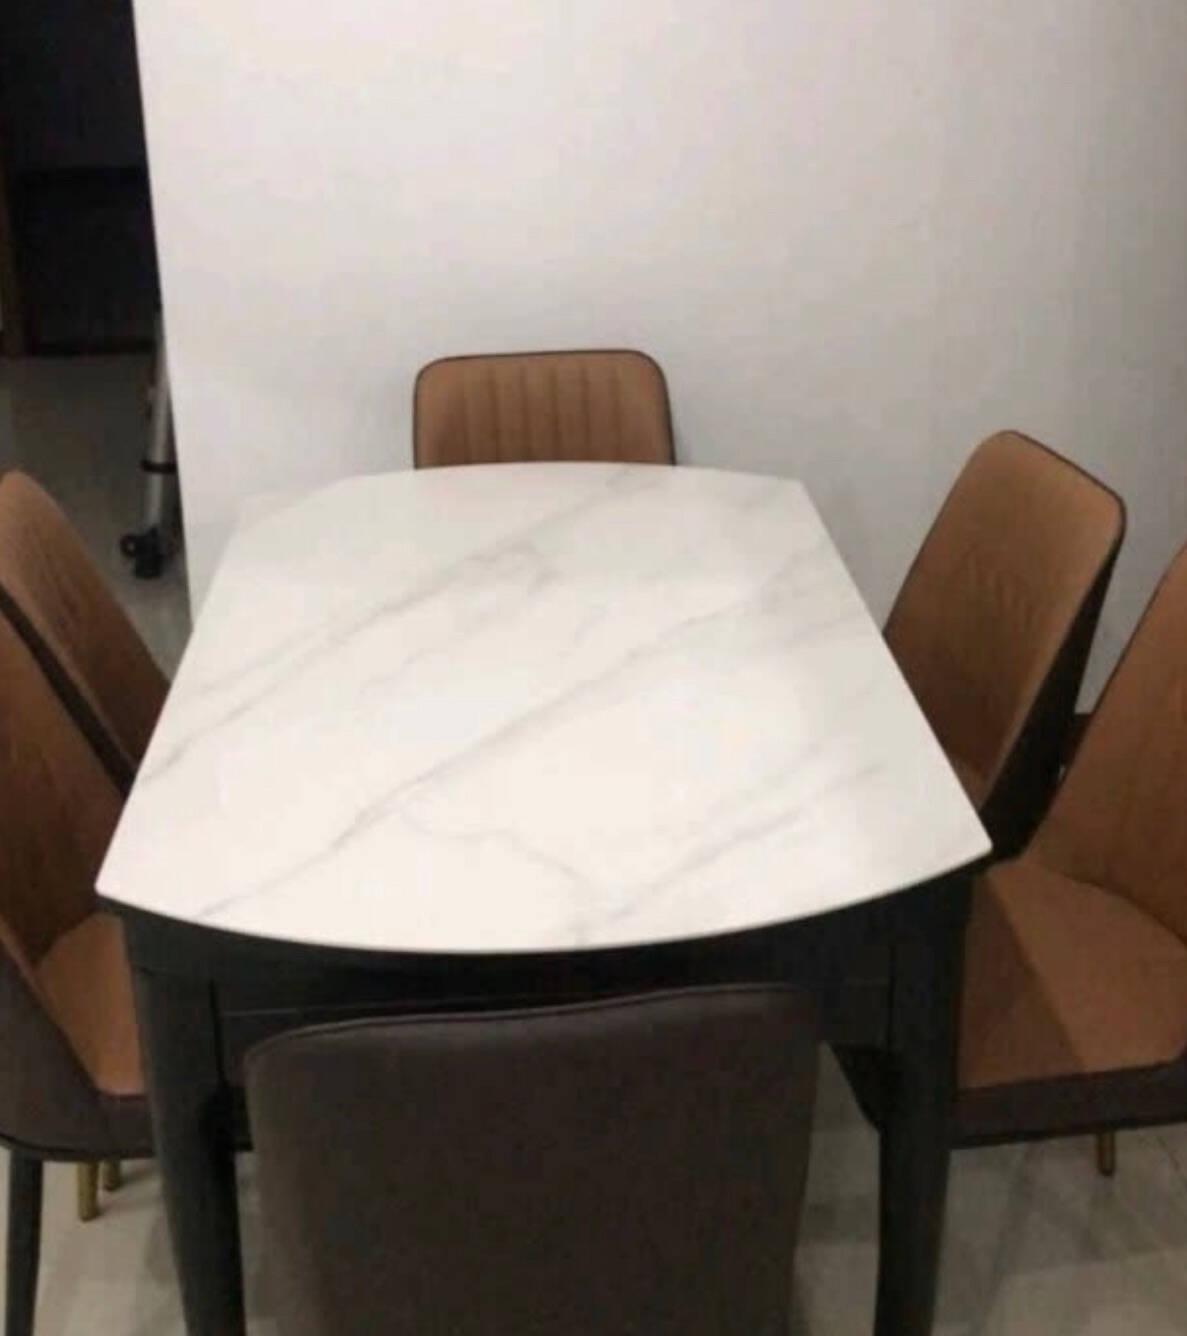 林氏木业现代简约可伸缩岩板餐桌椅组合家用可变圆形桌轻奢LS058圆餐桌-1.35米岩板款+餐椅*4